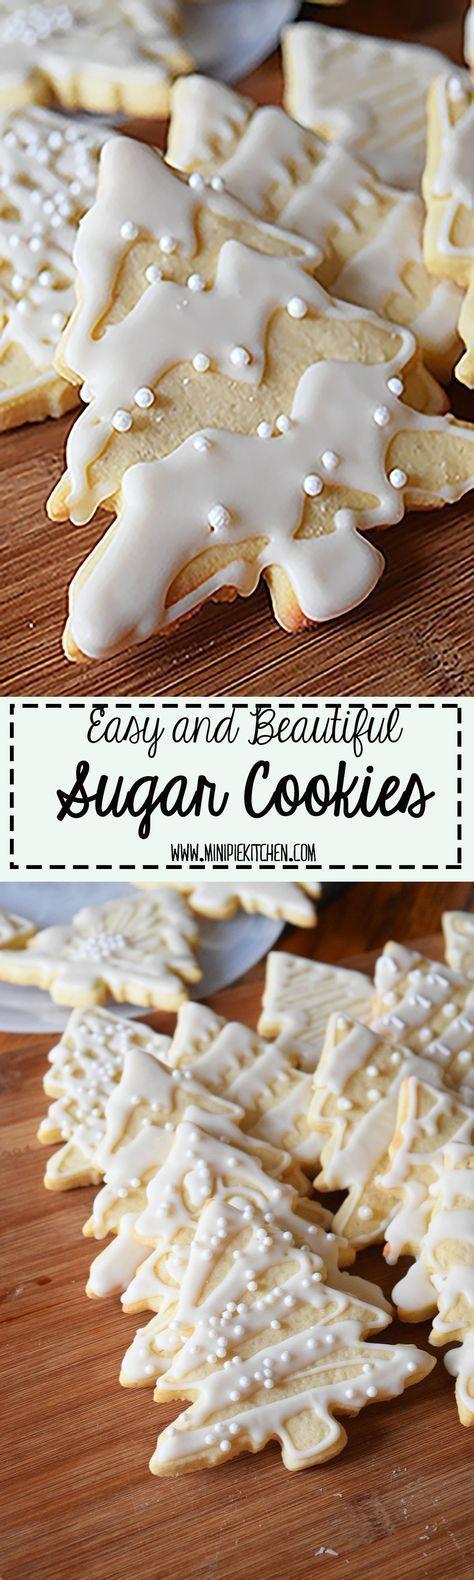 épinglé par ❃❀CM❁✿Beautiful Sugar Cookies and Royal Icing recipe sugarcookierecipewithroyalicing